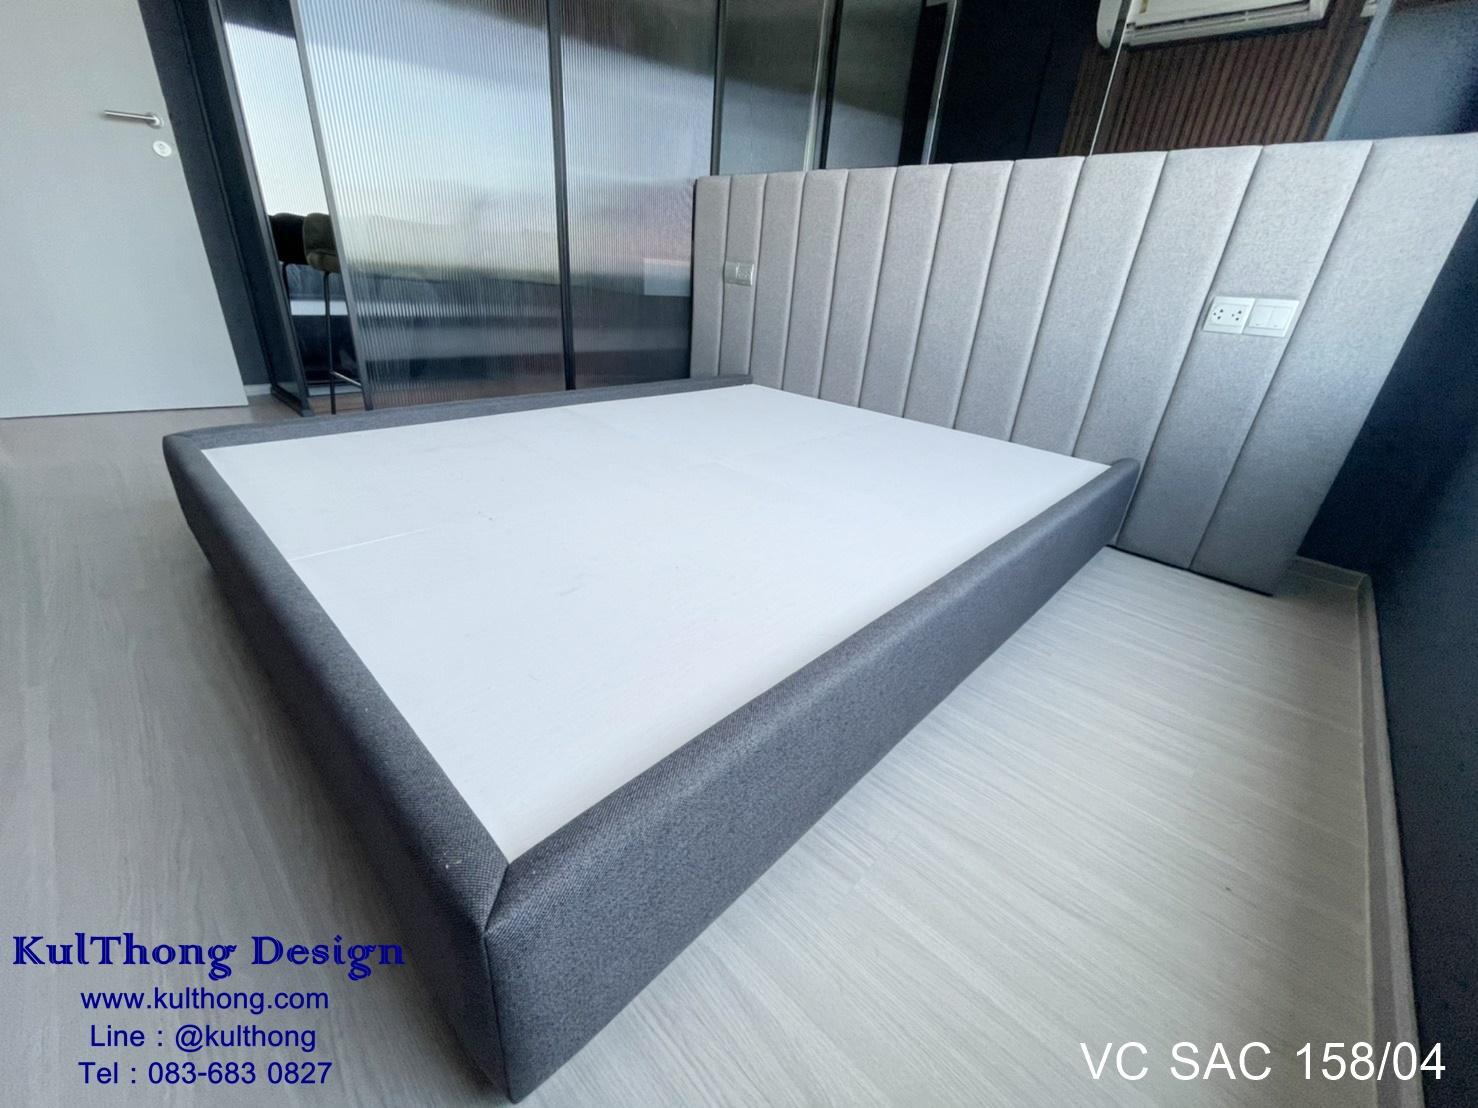 เตียงไม่มีหัวเตียง ฐานรองที่นอน เตียงประกอบ